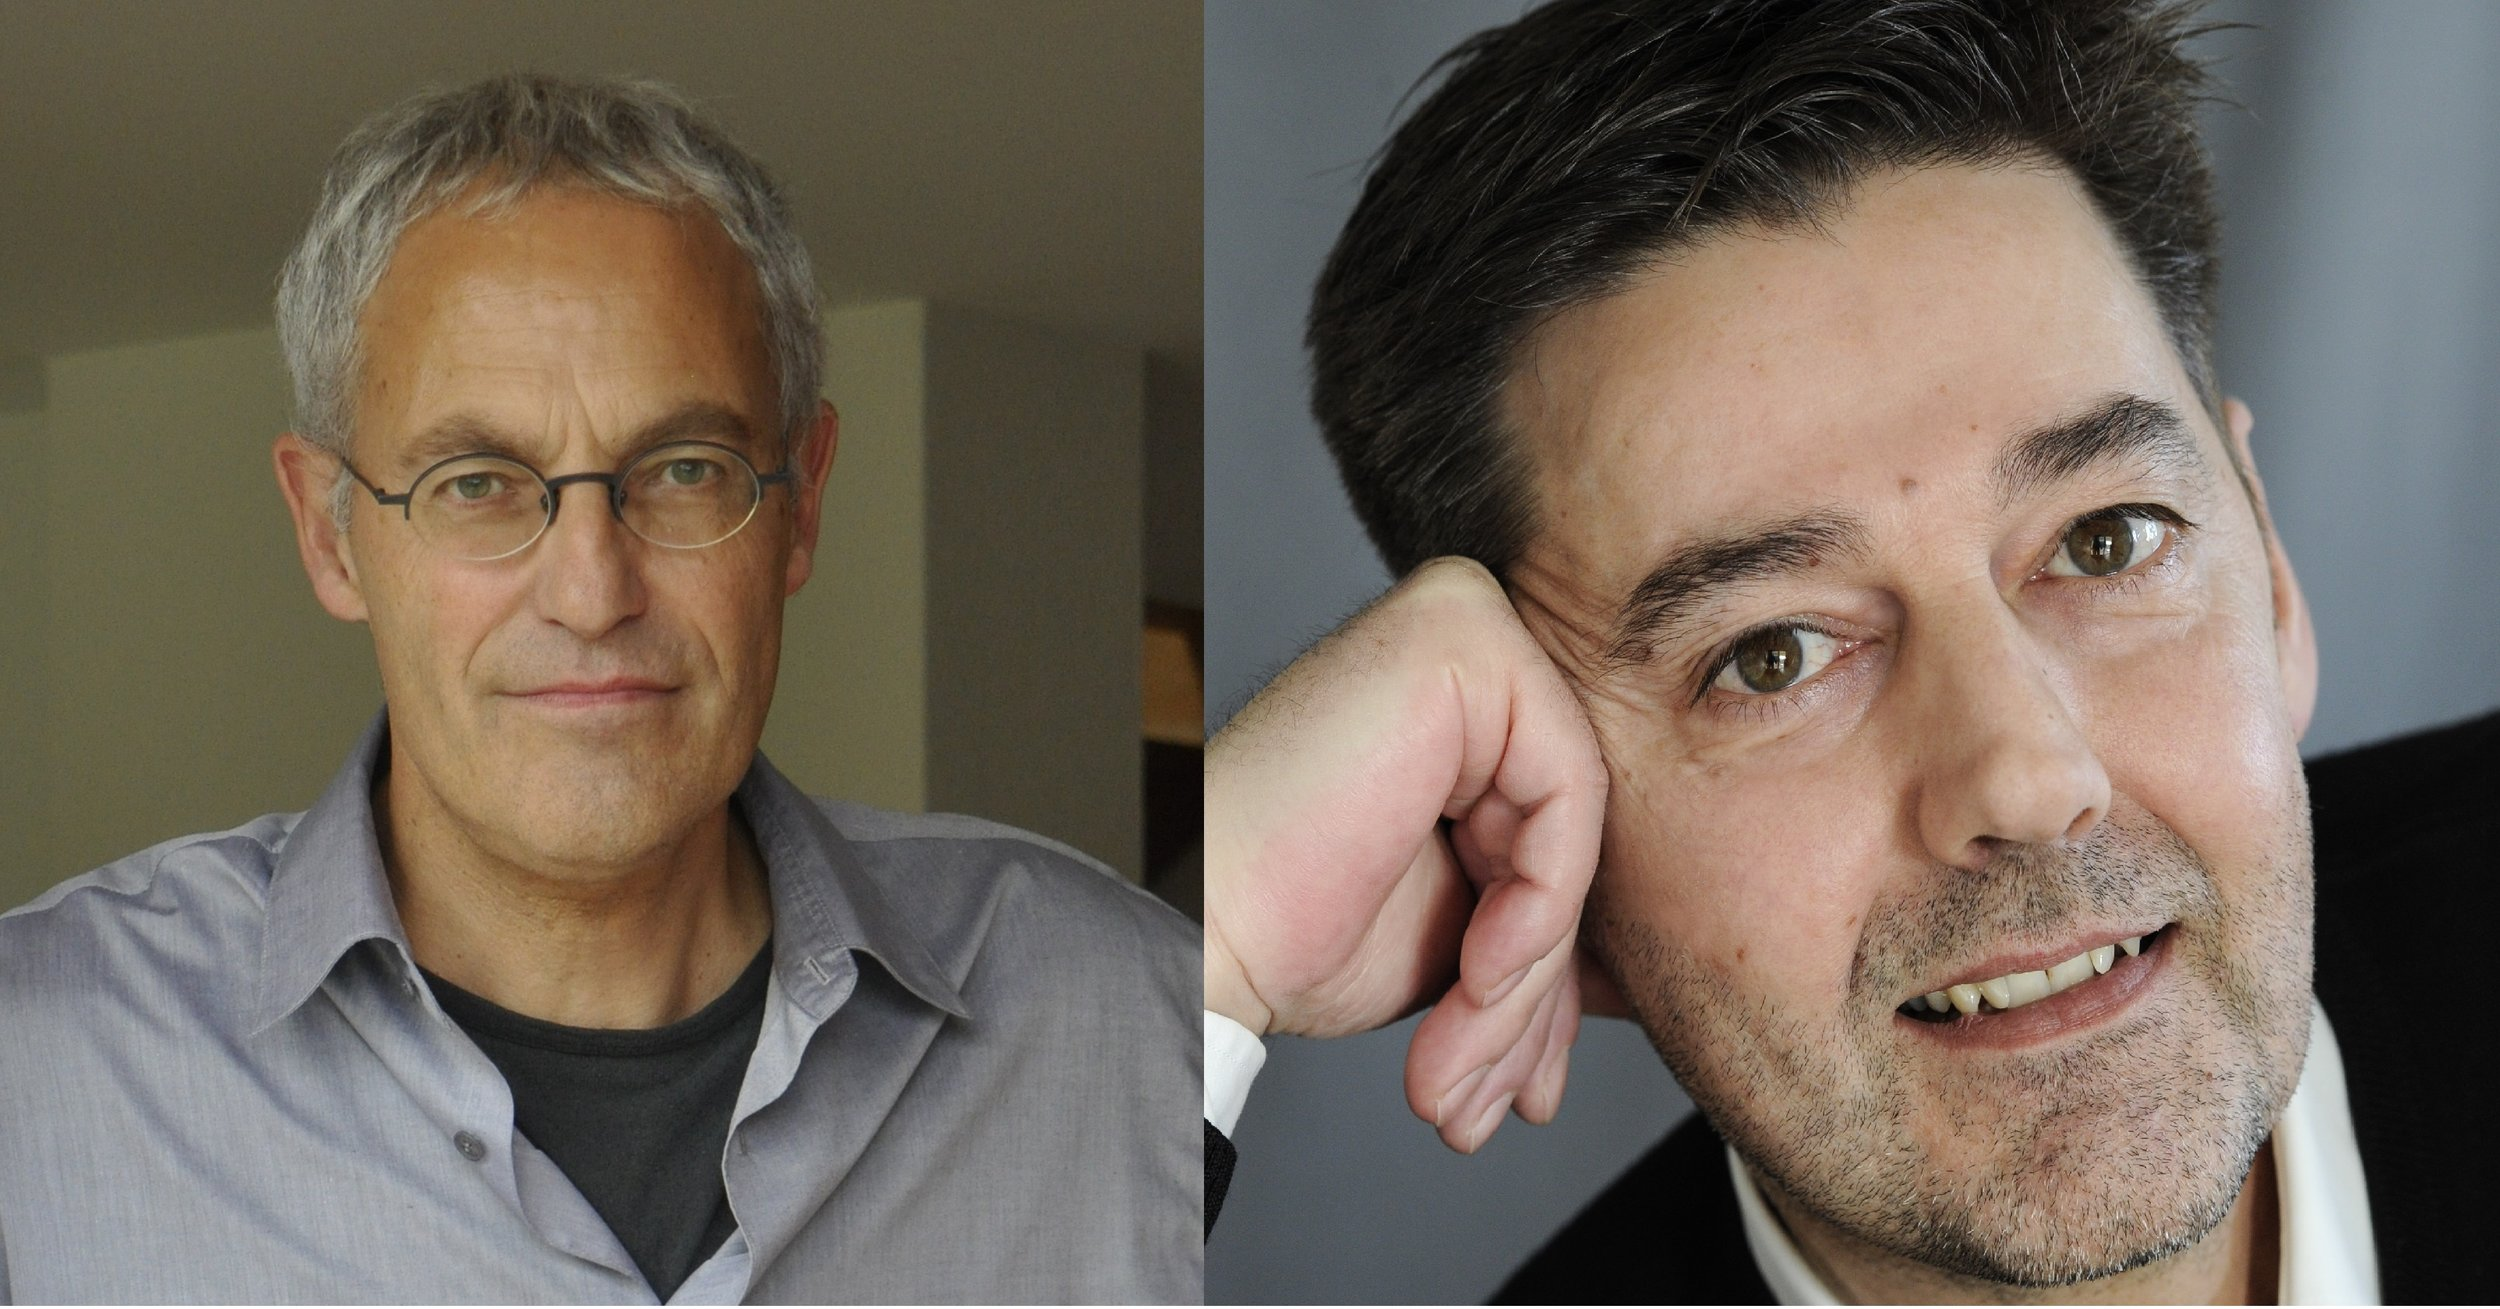 Ernst Strebel und Andreas Neeser. Fotos: Yvonne Böhler / Ayse Yavas.